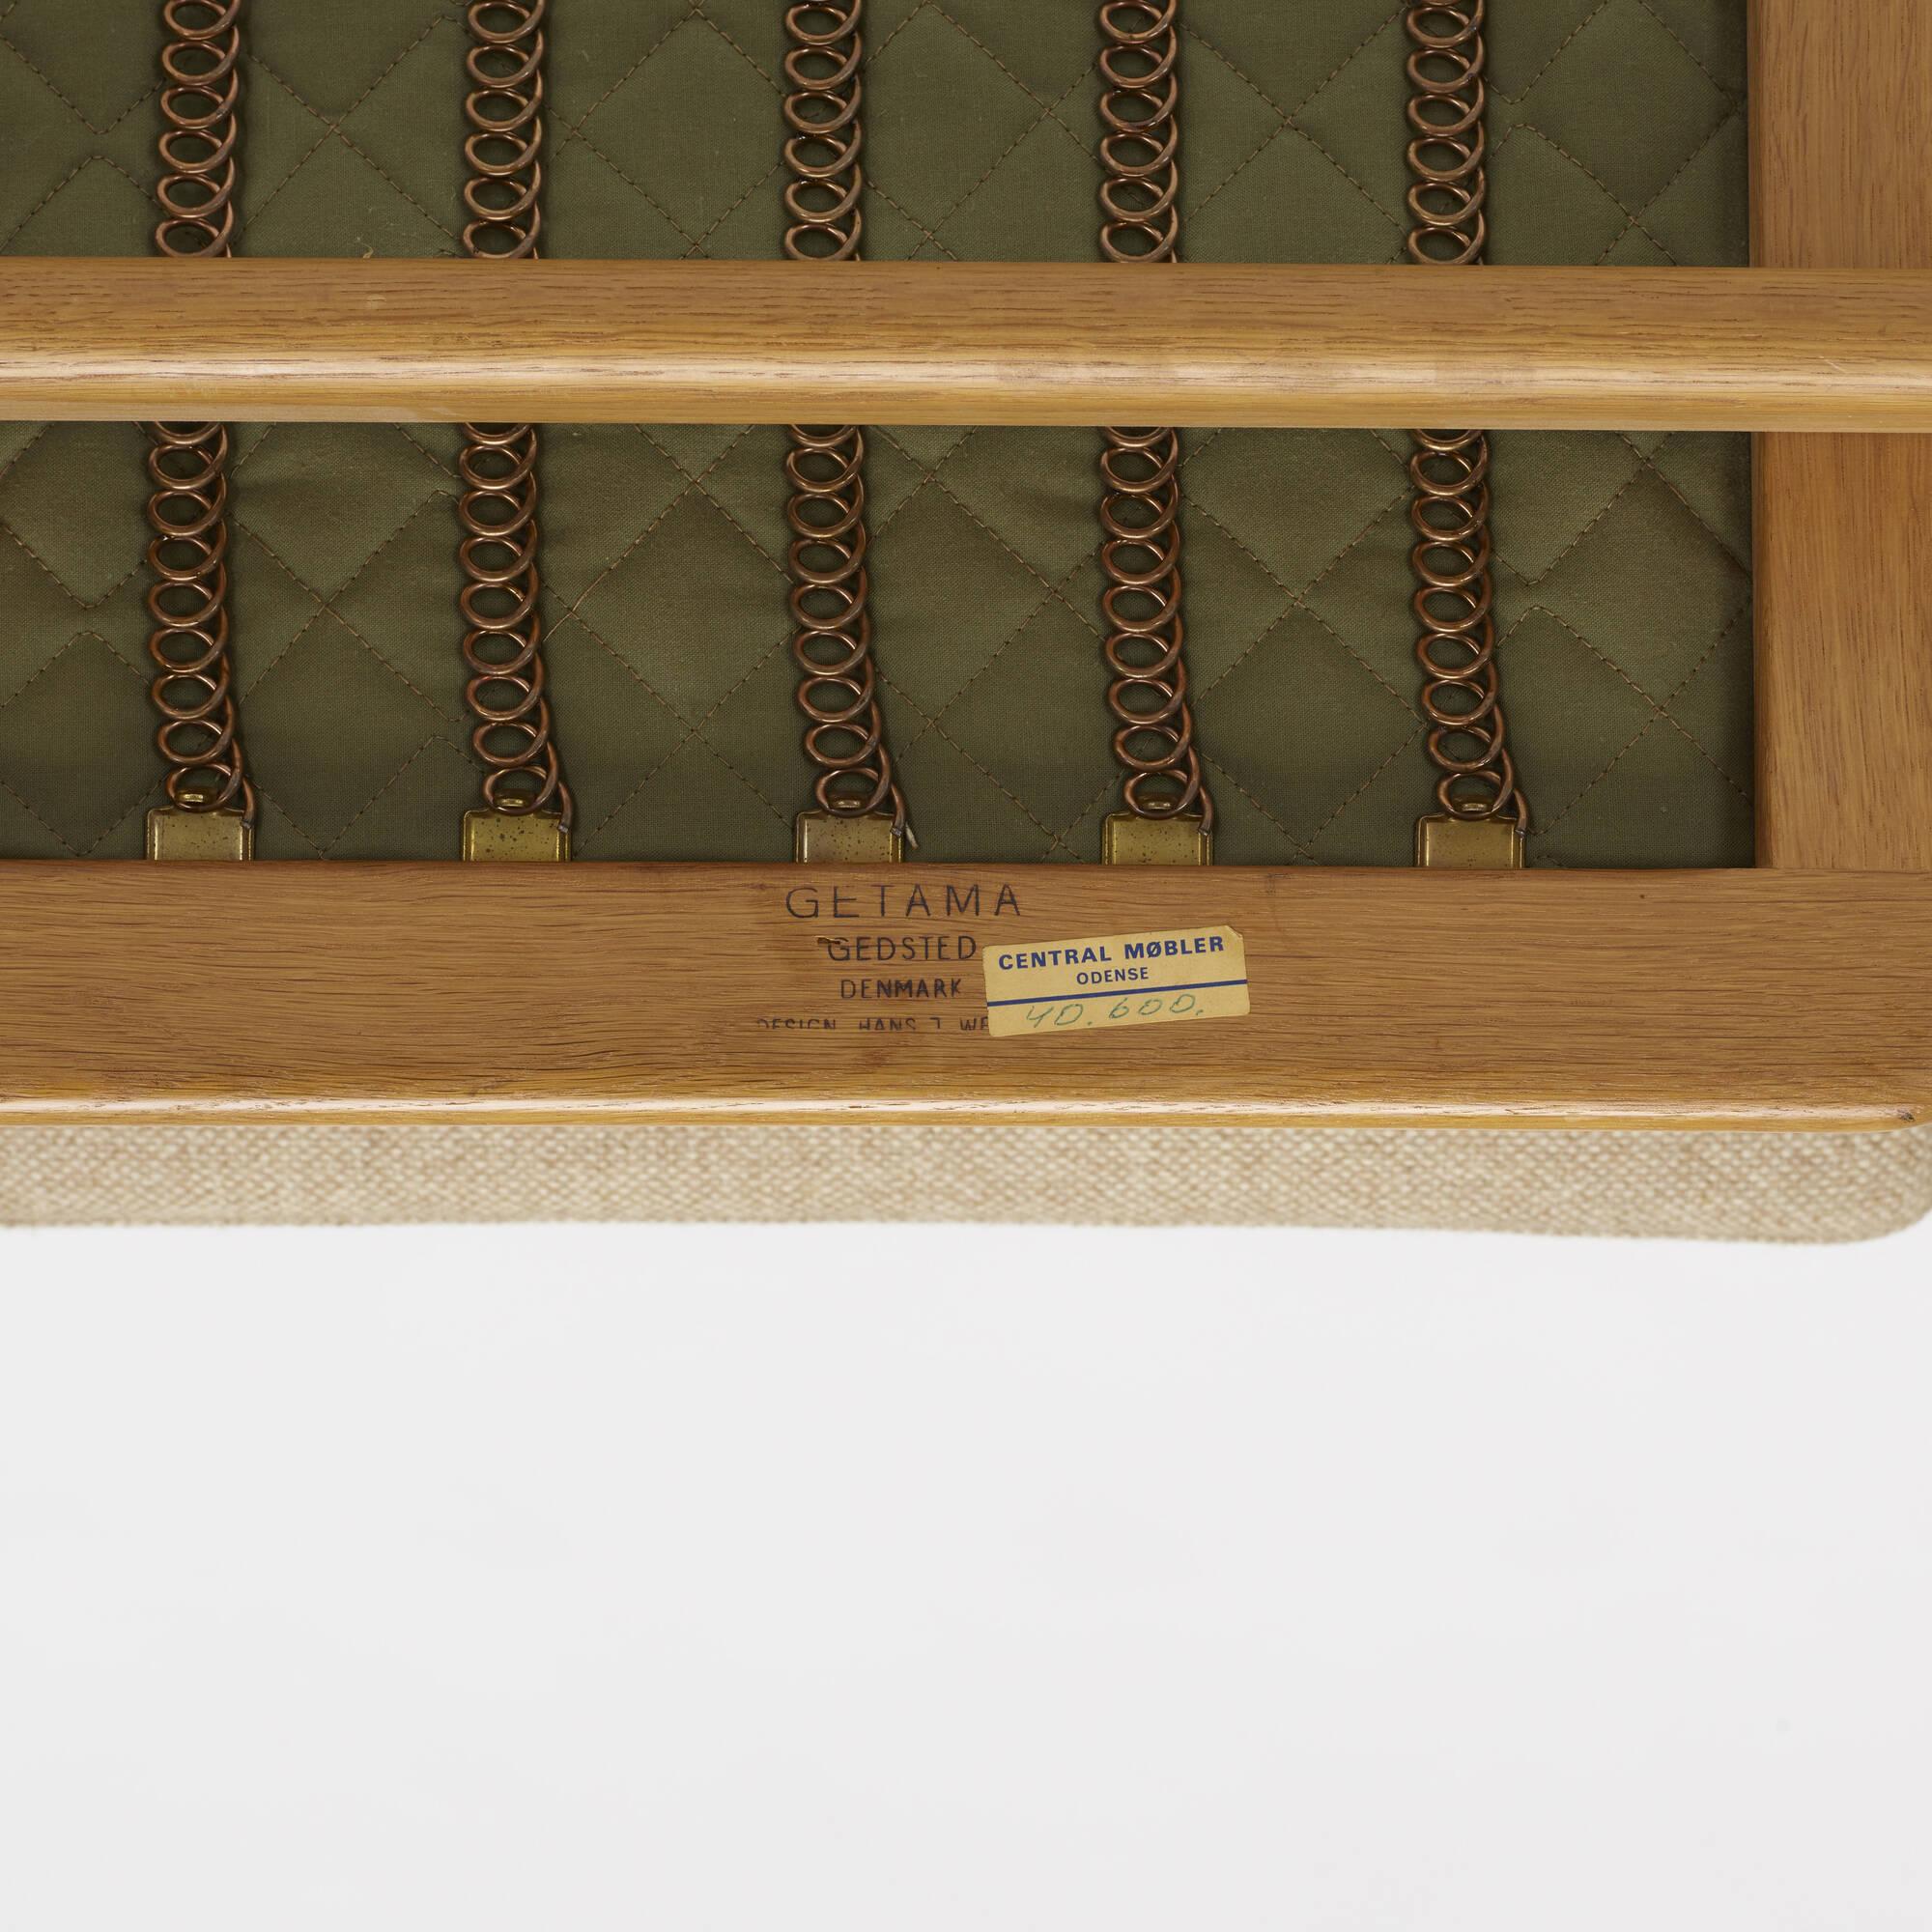 786: Hans J. Wegner / lounge chair, model GE240 (3 of 3)